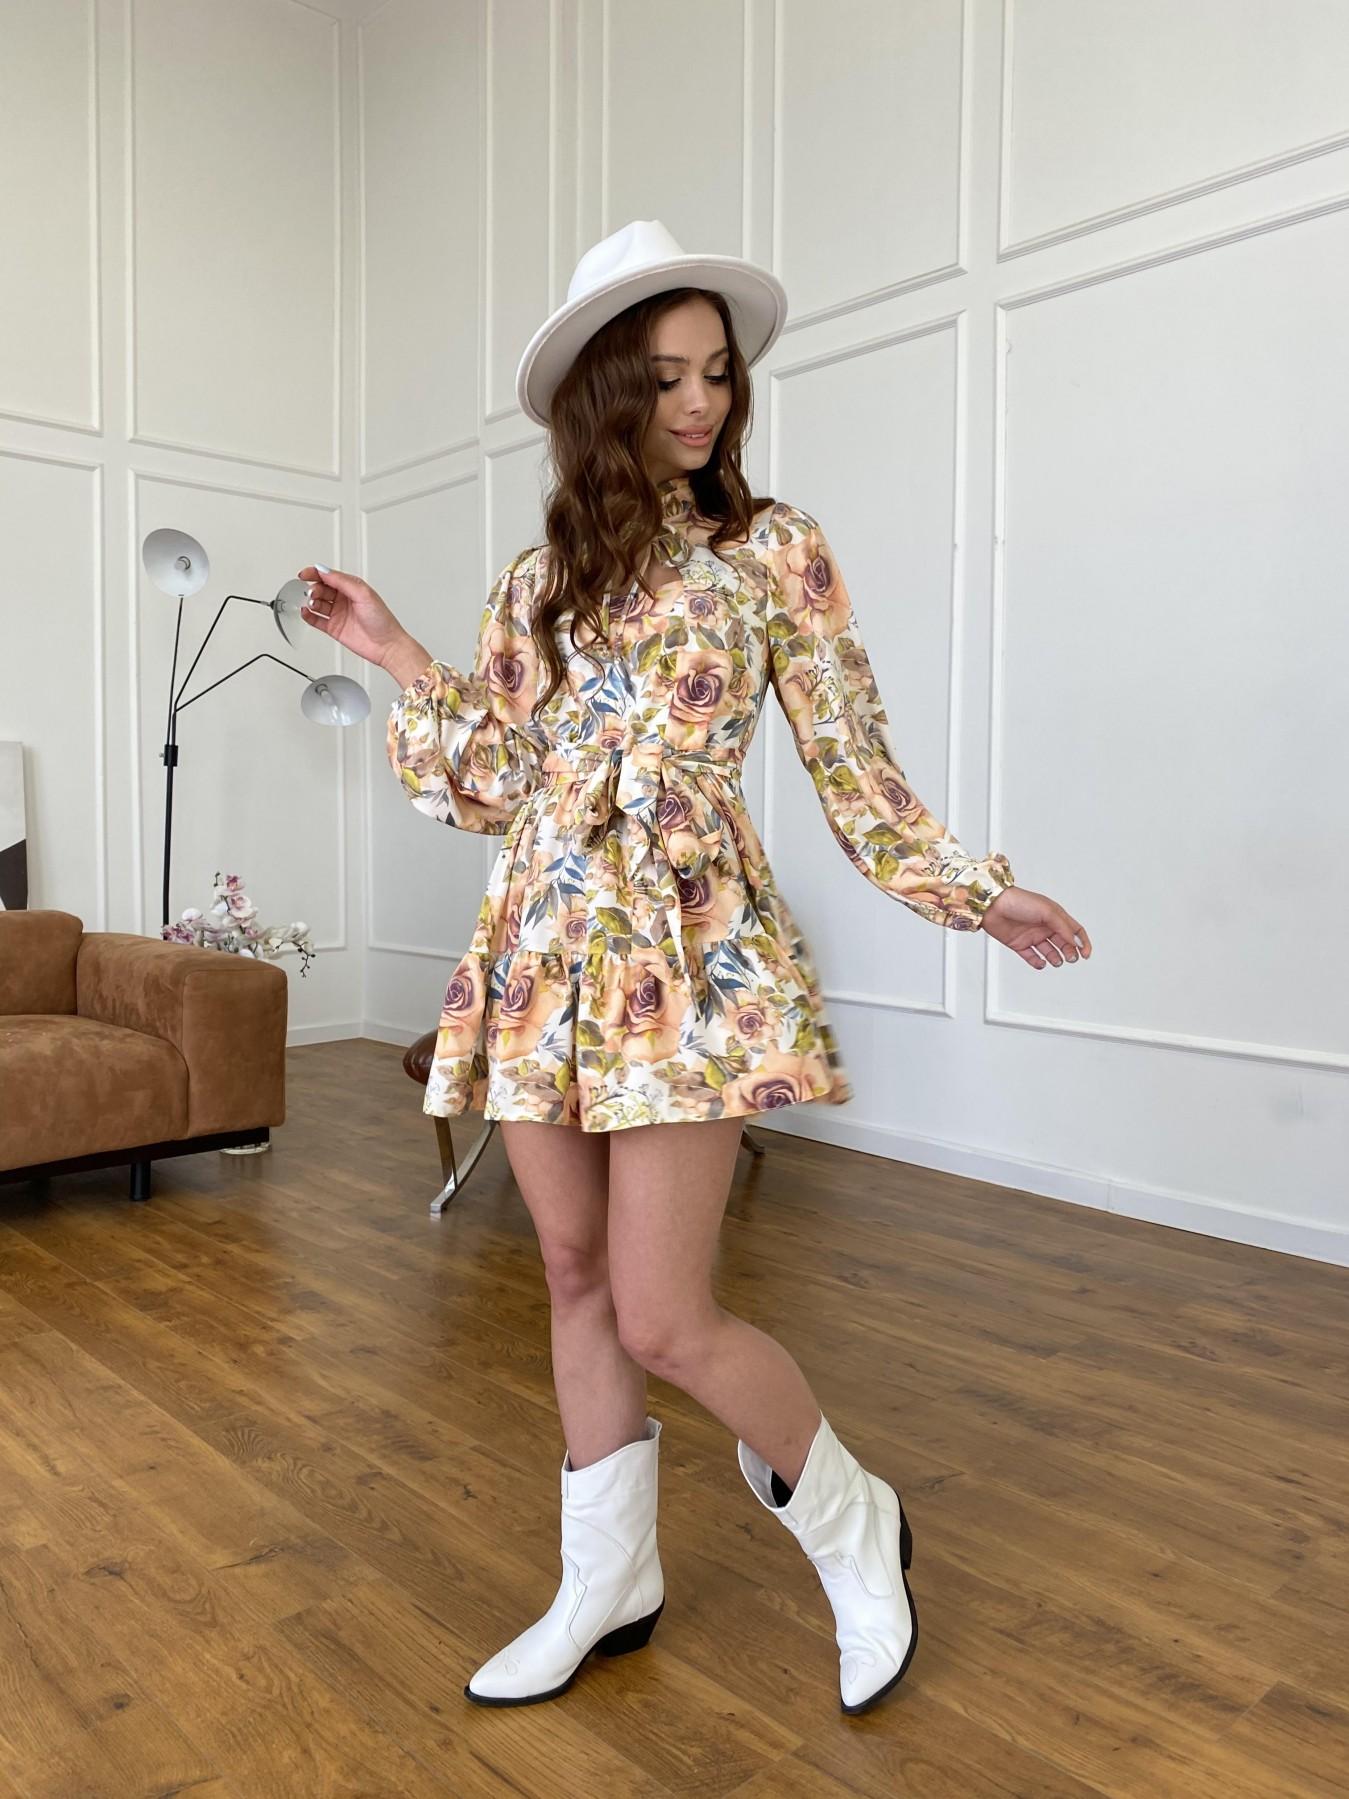 Марселла платье  софт принт бистрейч 11200 АРТ. 47710 Цвет: Кр.розы/молоко/персик - фото 10, интернет магазин tm-modus.ru